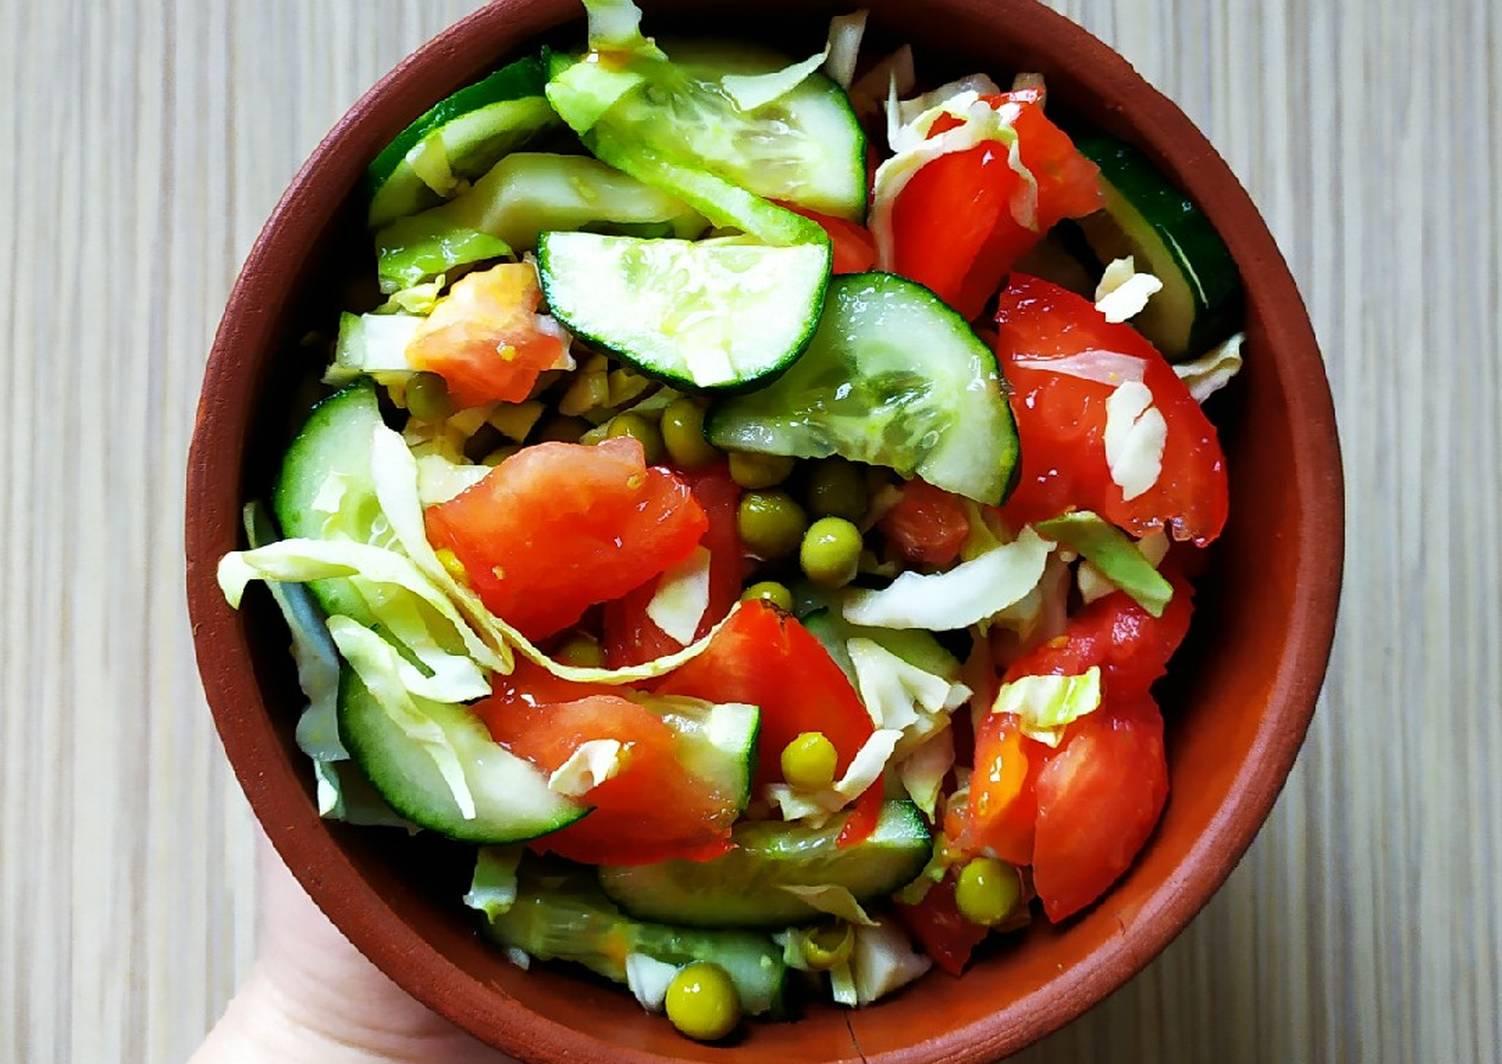 Салат екатерина рецепт с фото